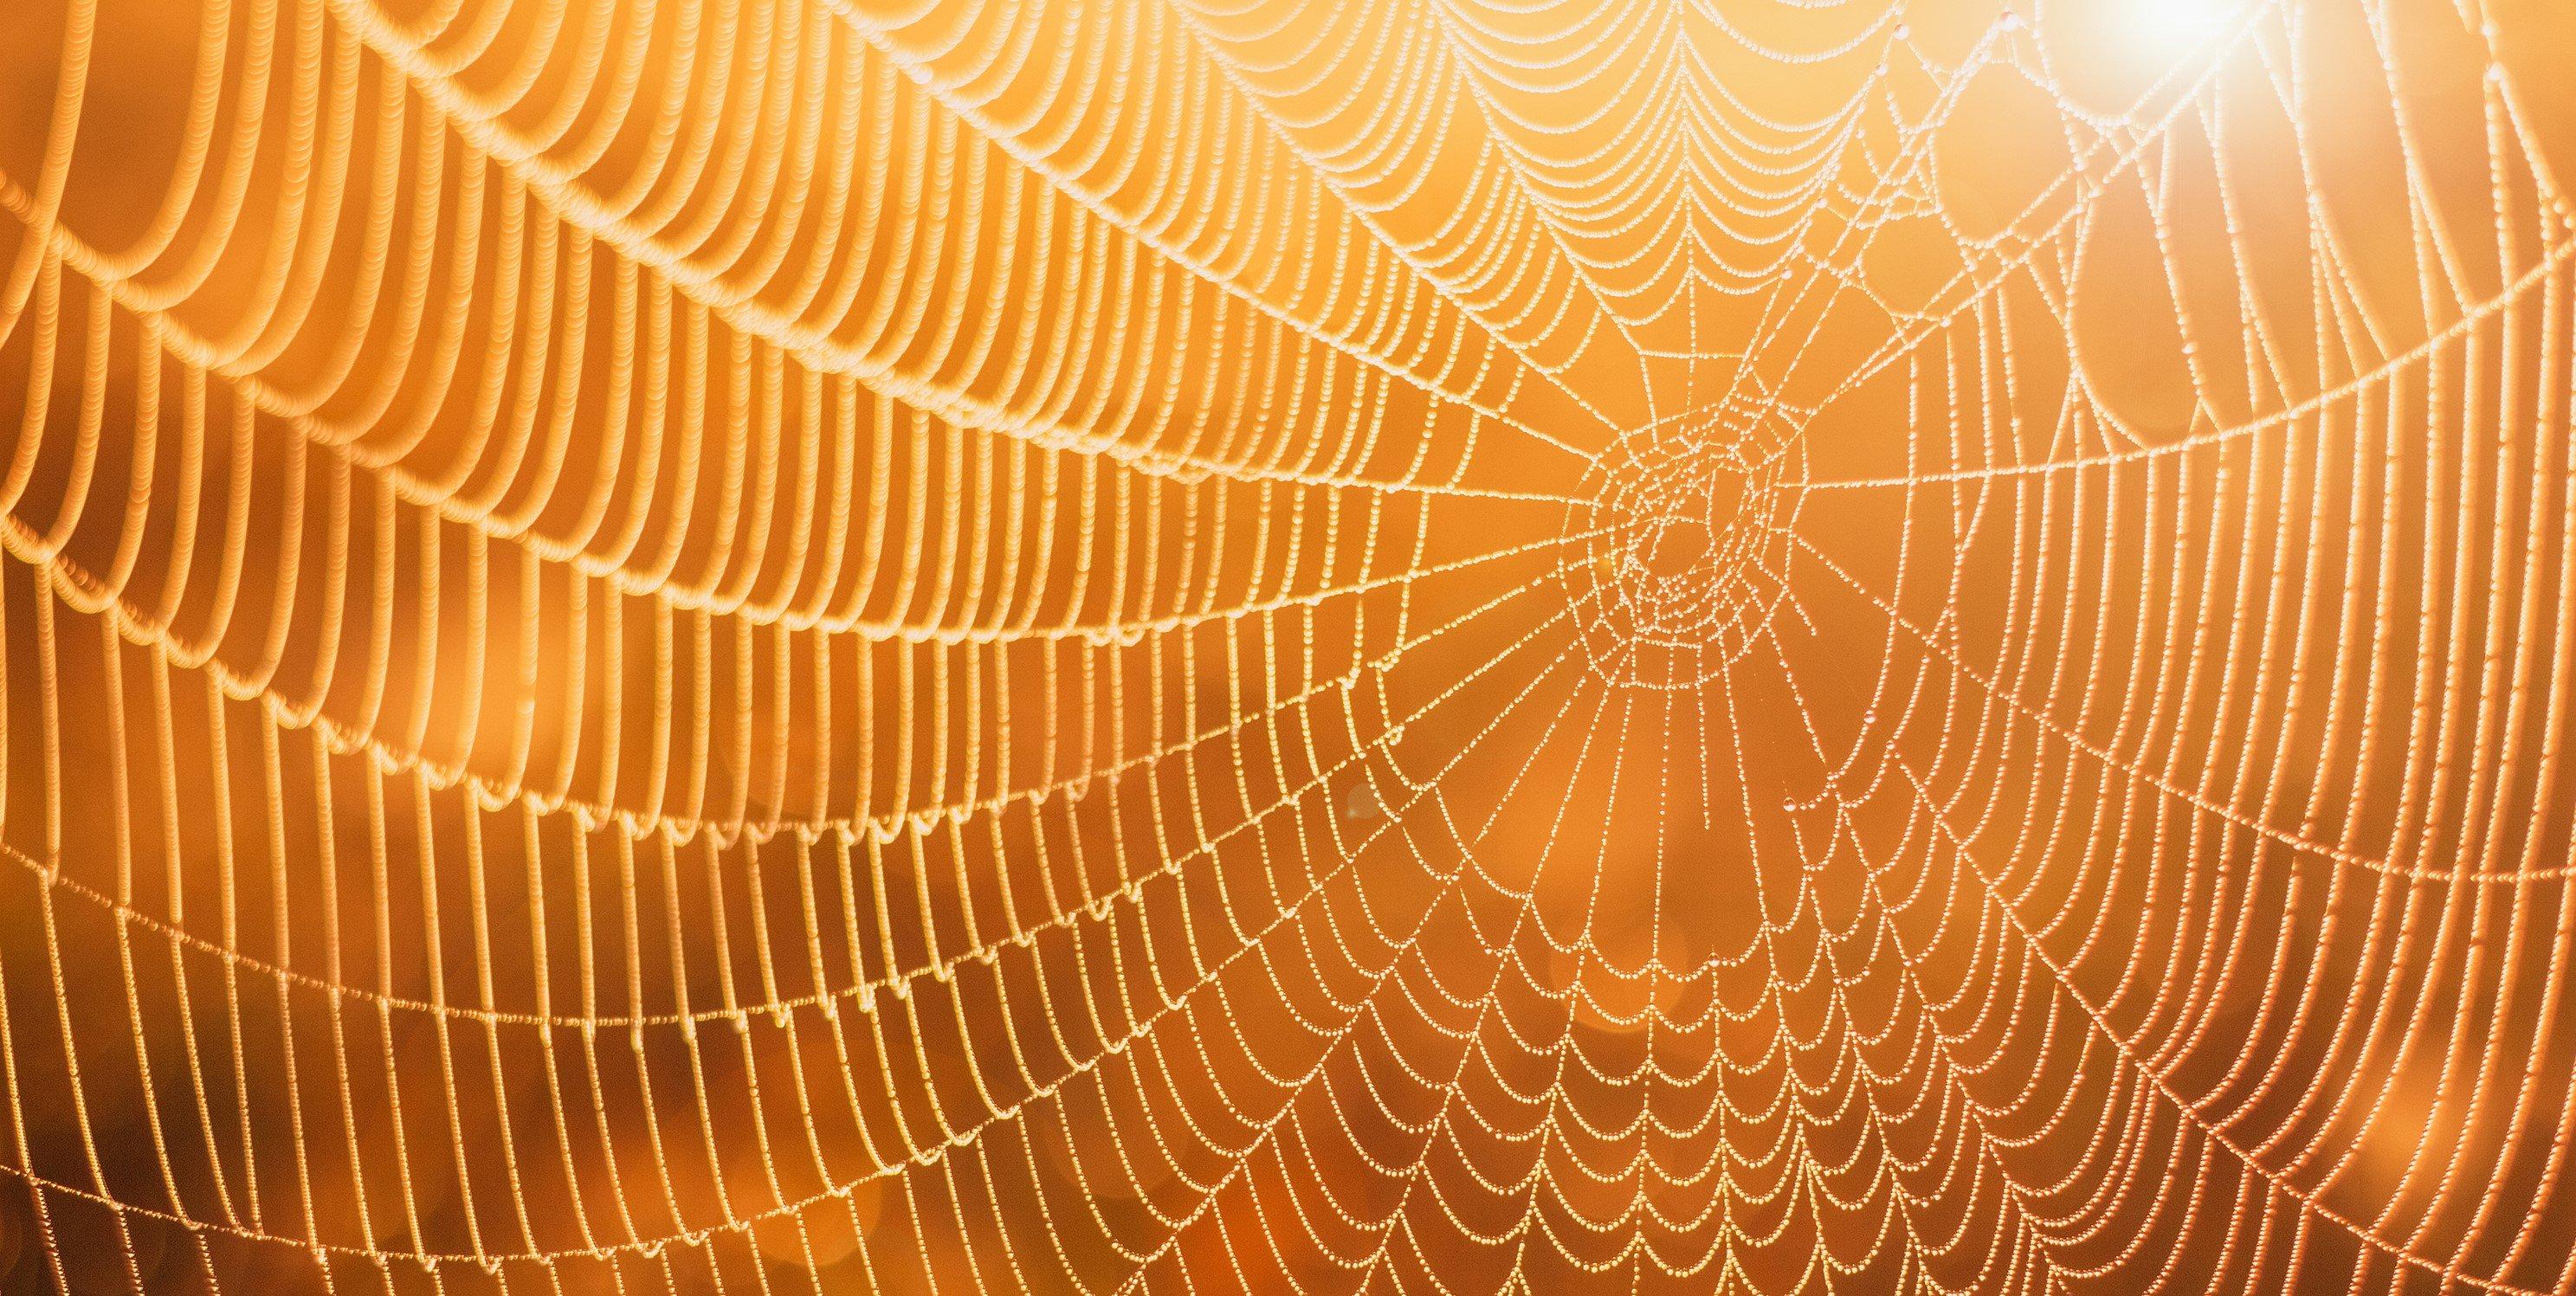 Typisch Altweibersommer: Morgentau macht Spinnennetze gut sichtbar.